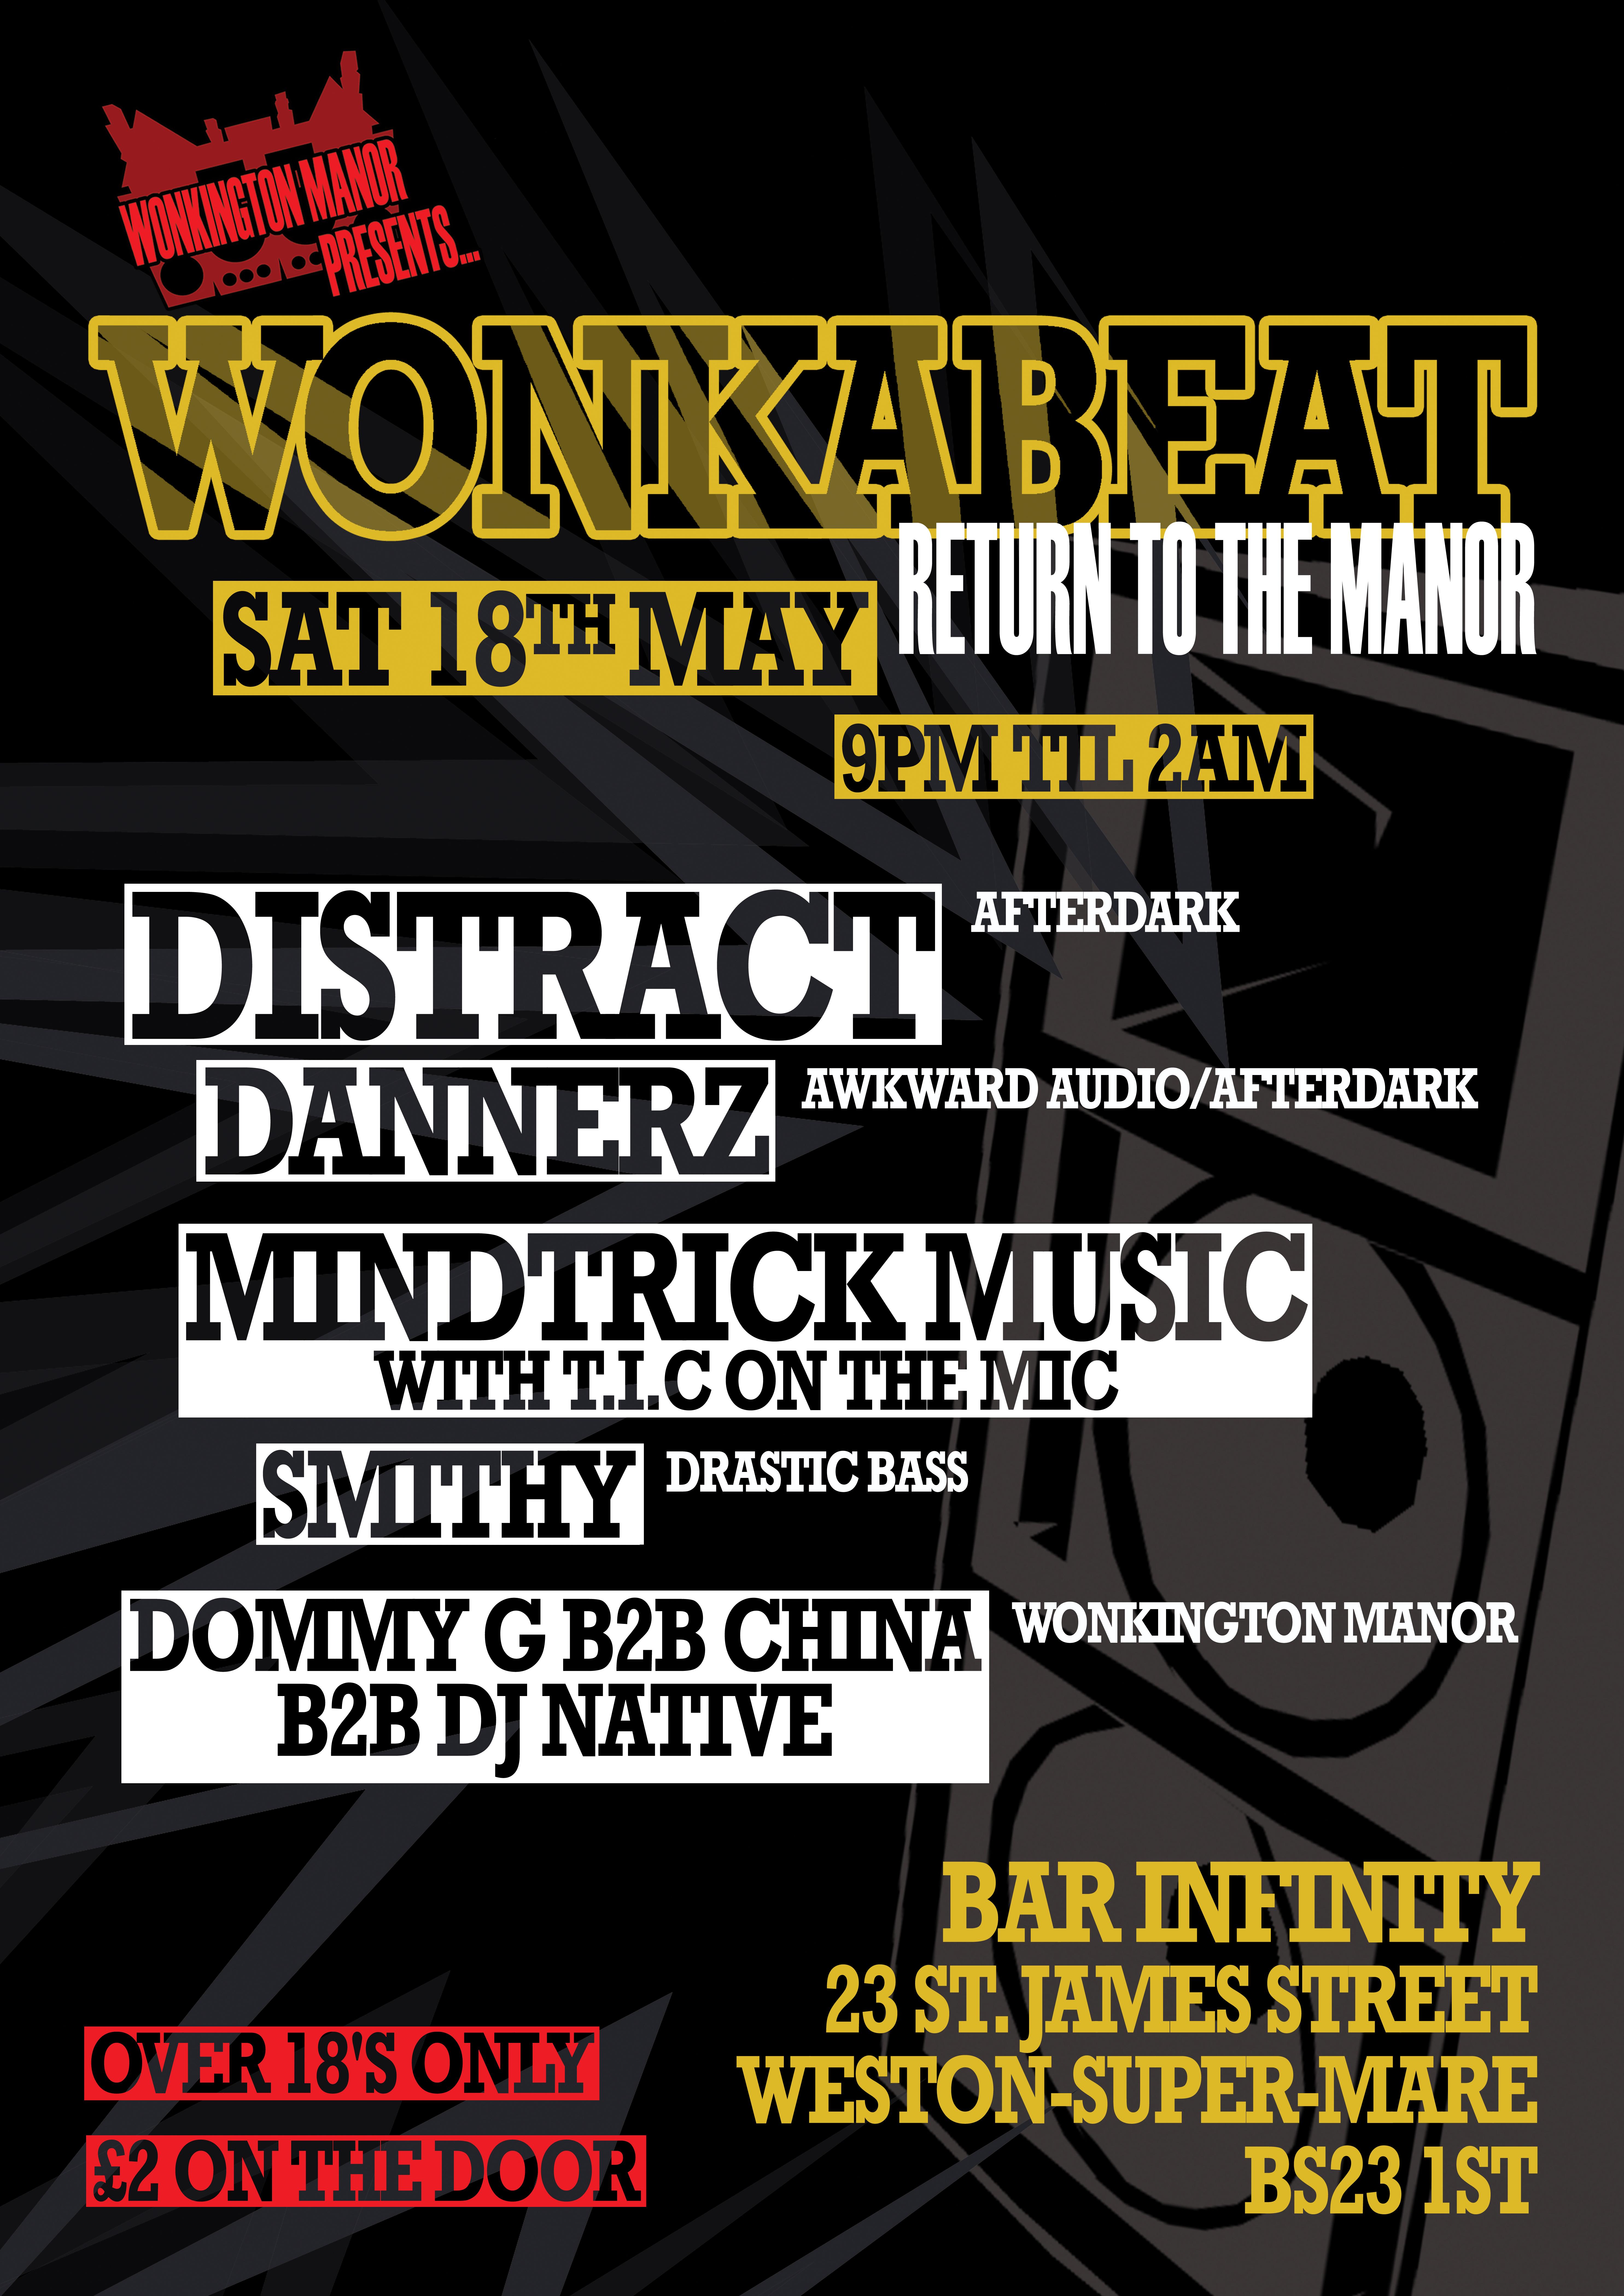 wonkabeat2